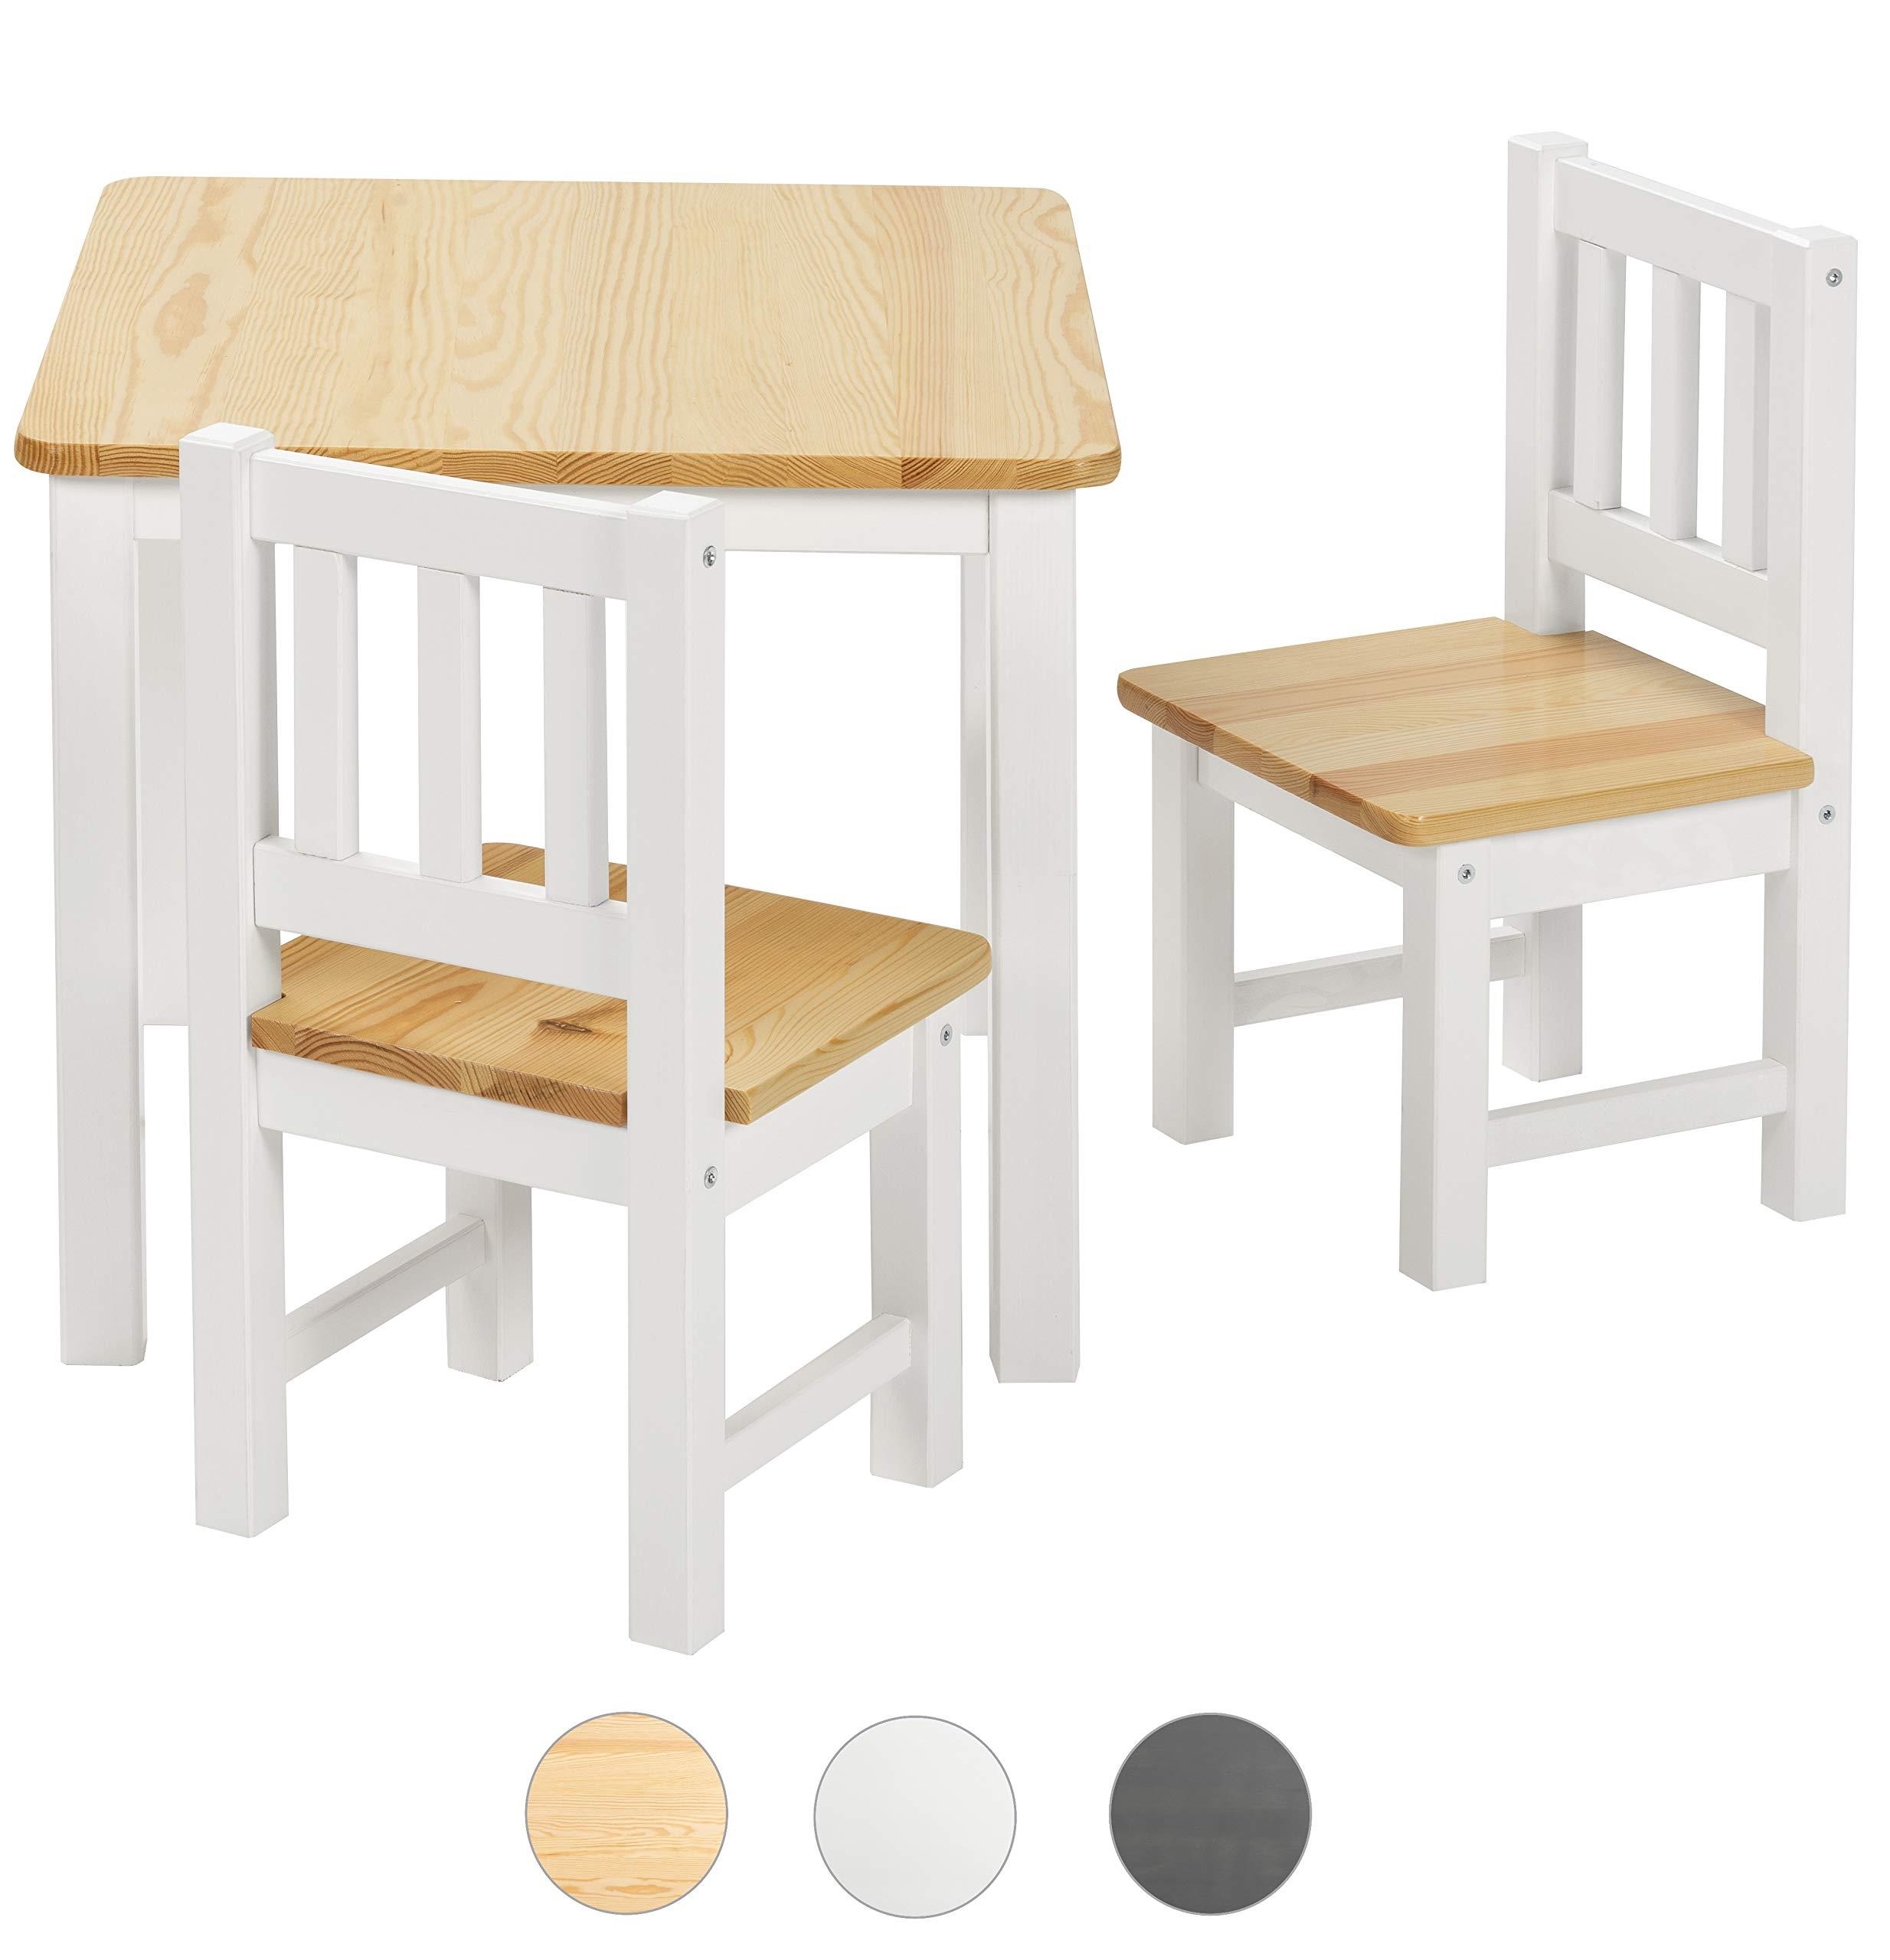 Fantastisch BOMI® Kindersitzgruppe Amy Aus Kiefer Massiv Holz Für Kleinkinder, Mädchen  Und Jungen Natur Weiß